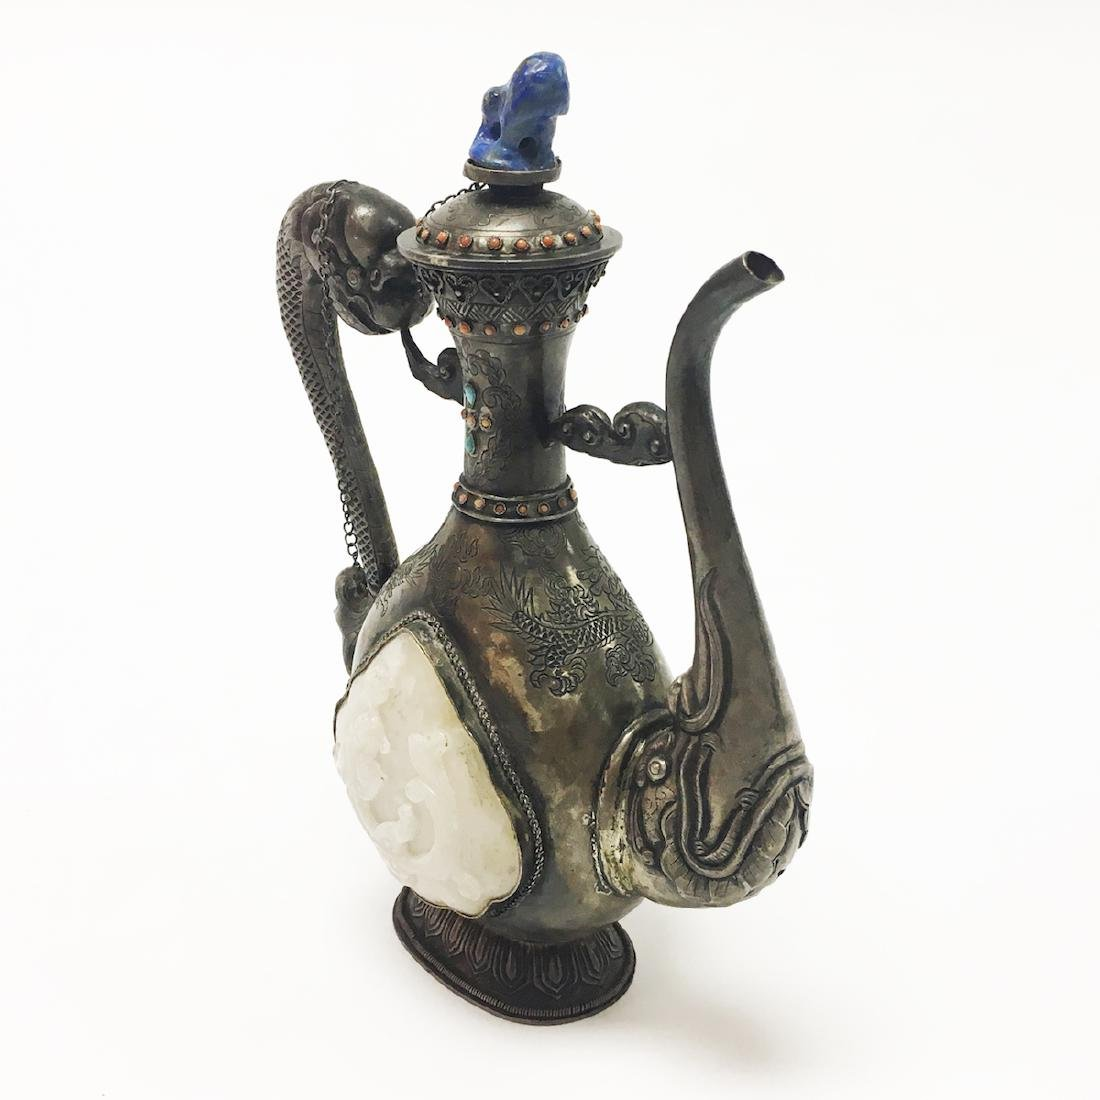 China / Mongolian Silver Jade Ewer - 2